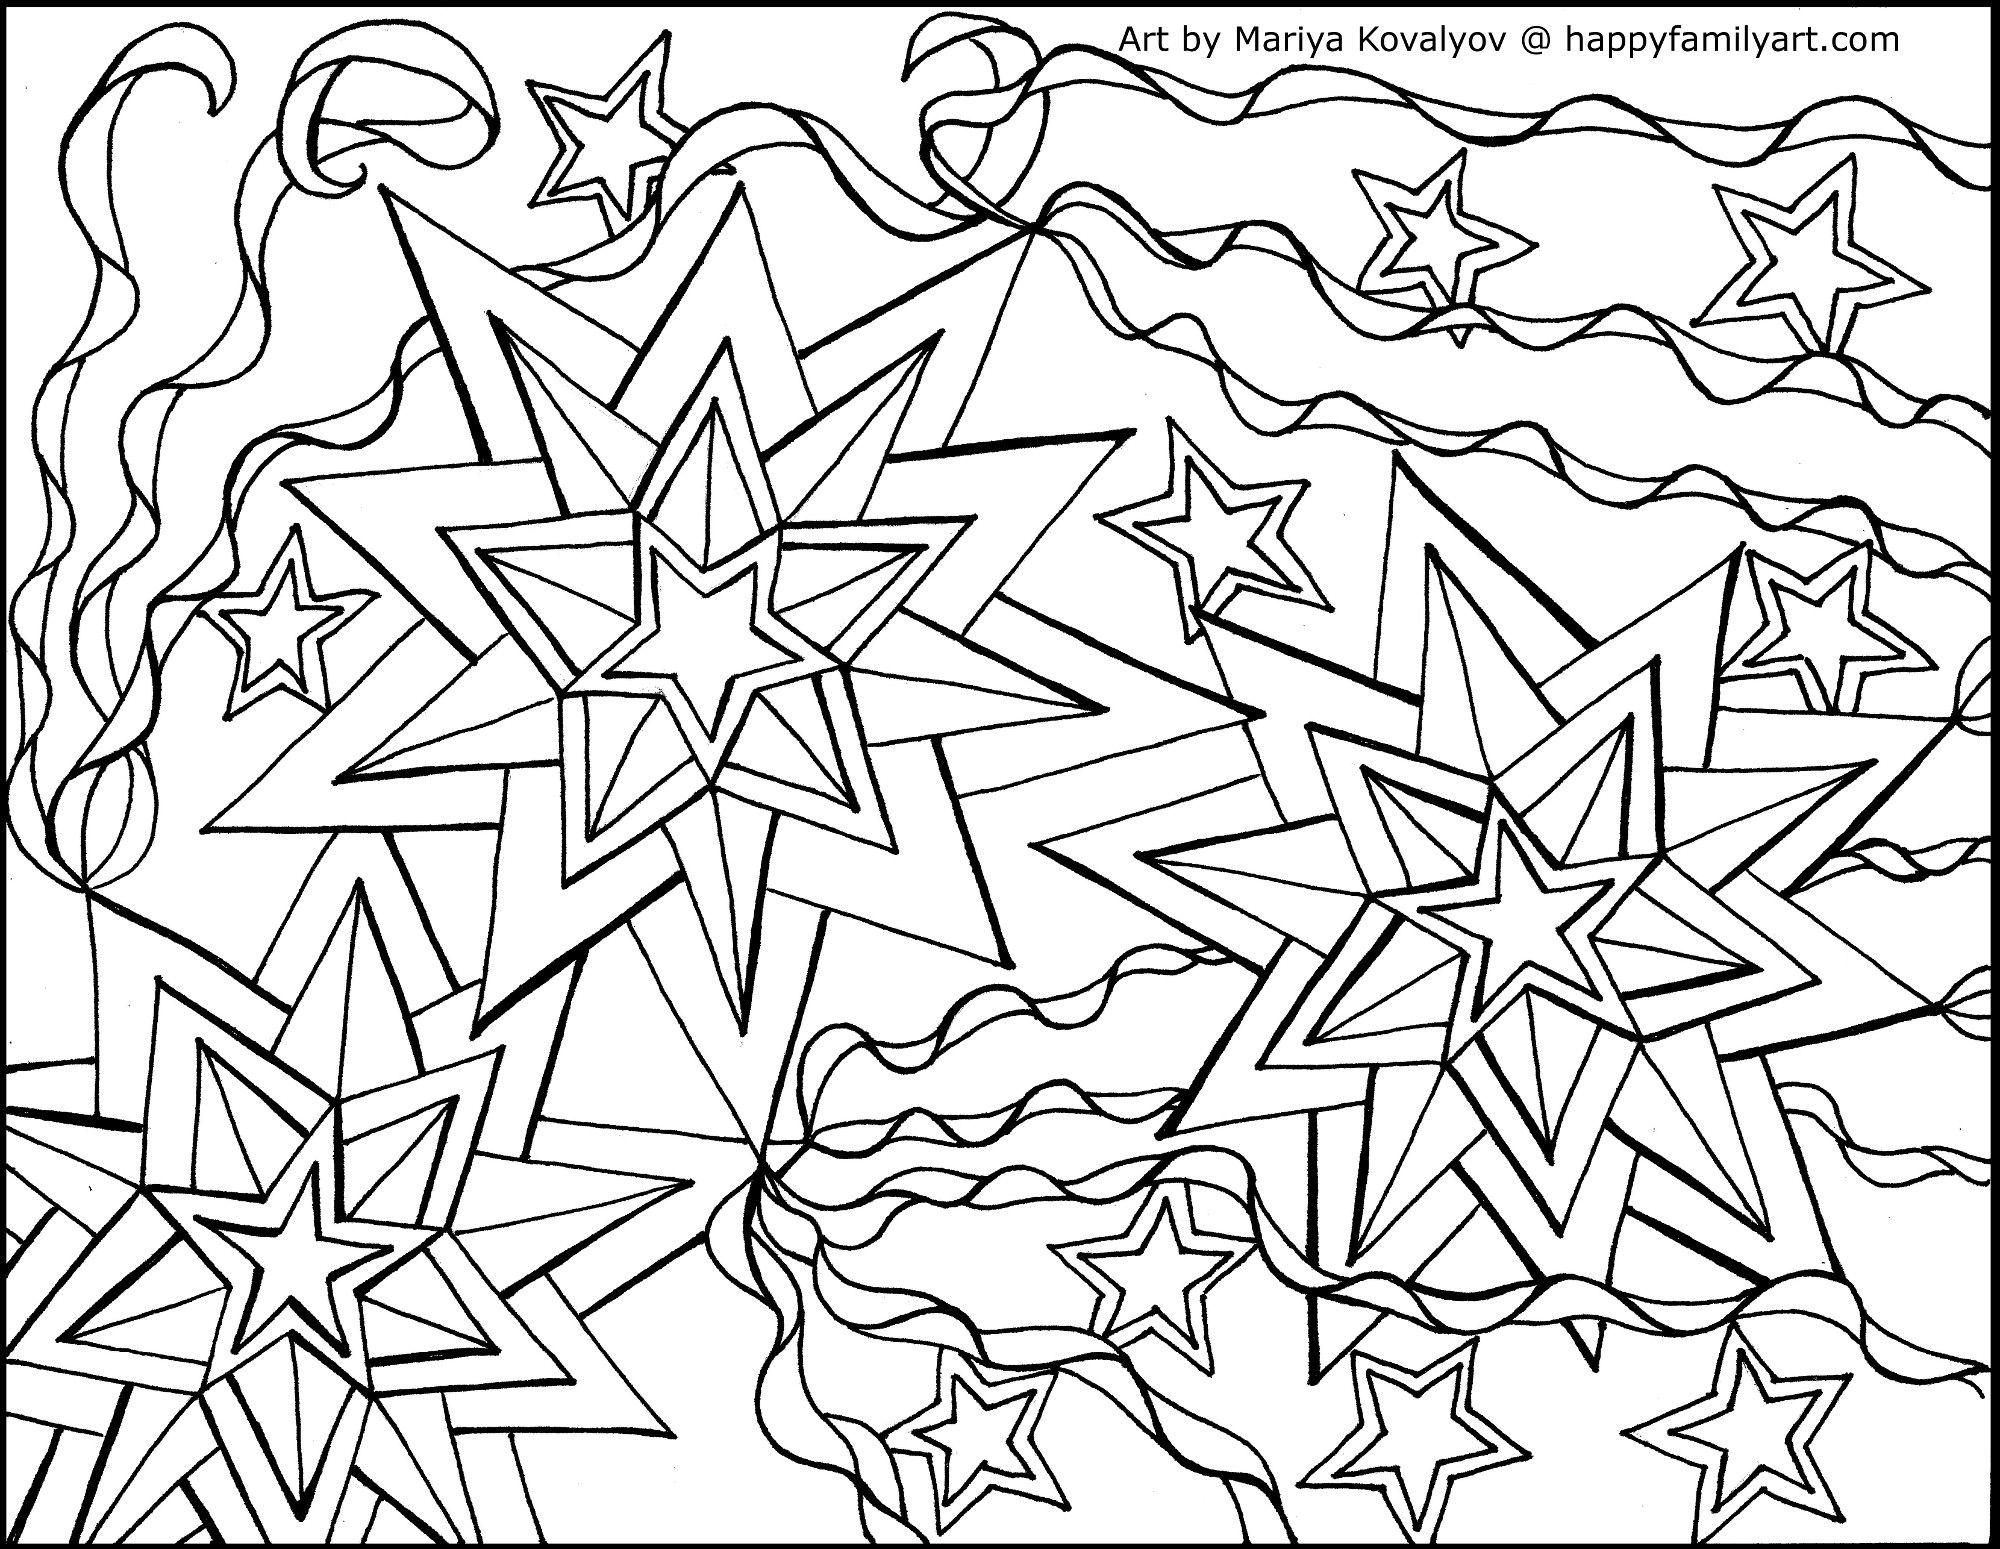 Starsandstripes happy family art for me pinterest happy